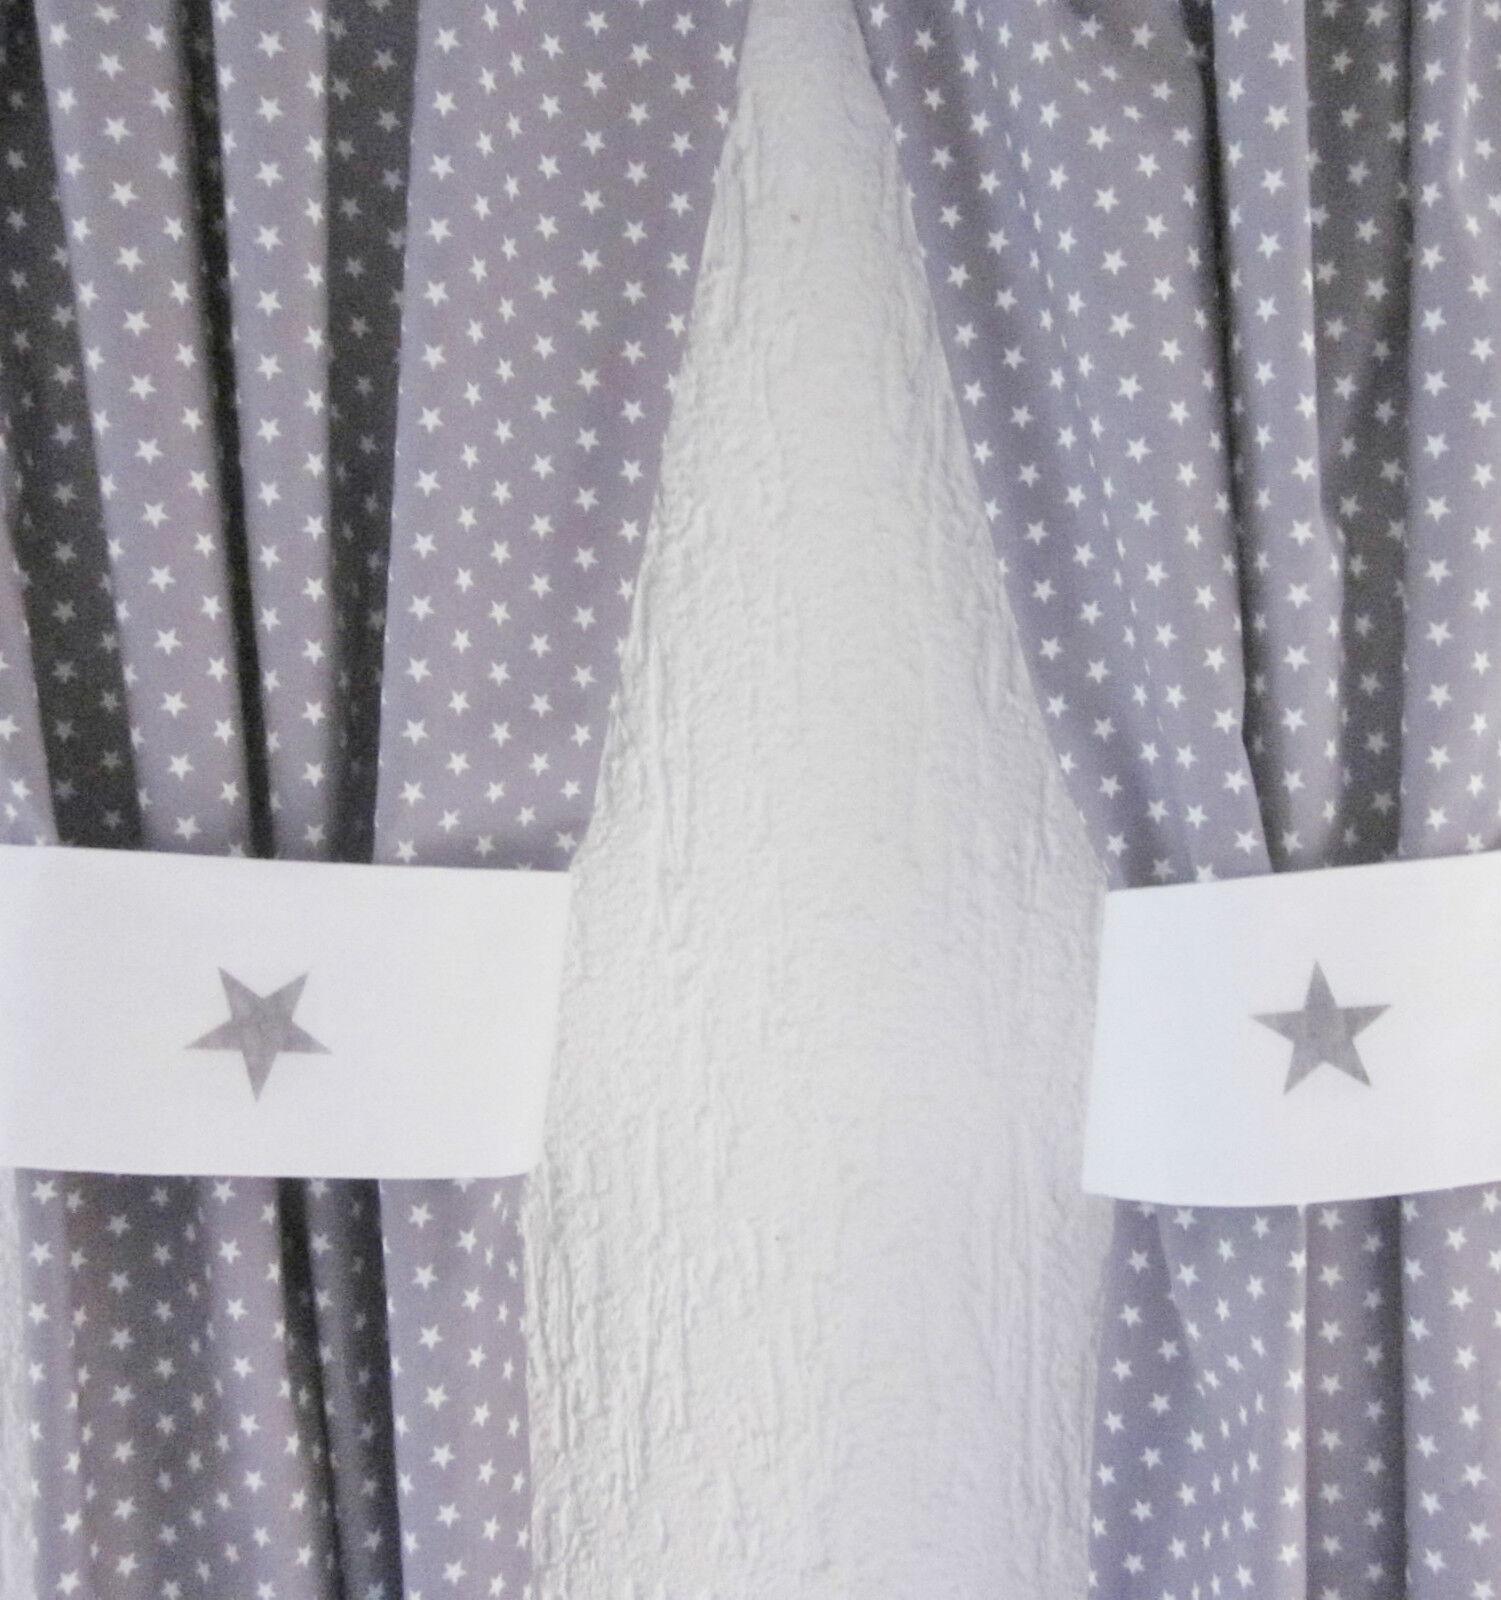 2 2 2 x  Vorhang STERNE Gardine weiß grau Schal Stern 130 cm x 240 cm Dekoschals | Sehr gelobt und vom Publikum der Verbraucher geschätzt  e48daa